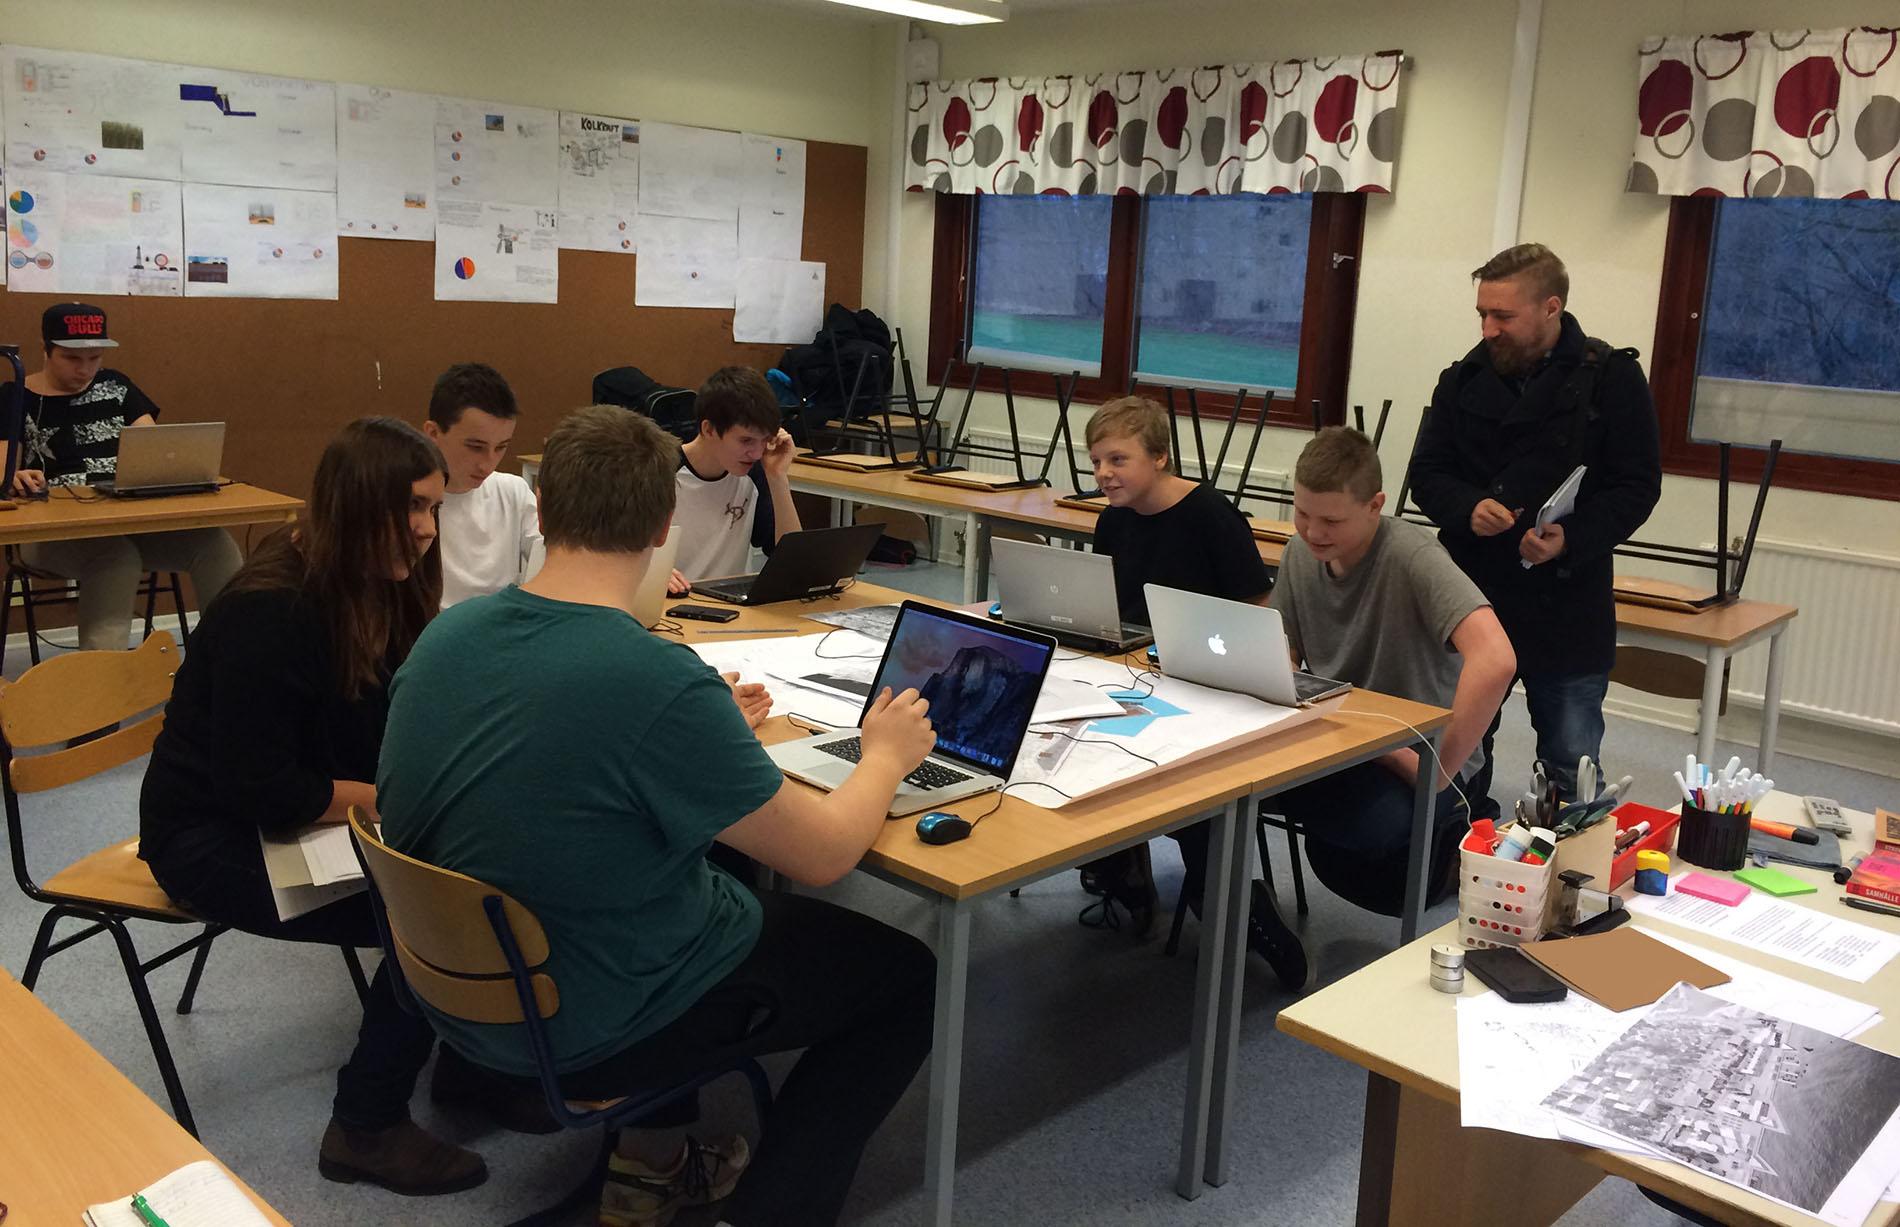 Journalister från Blekinge Läns tidning och Sydöstran intervjuar elever på Norrevångsskolan i samband med vårt samarbete kring 3D-printprojektet. Foto: Emina Kovacic